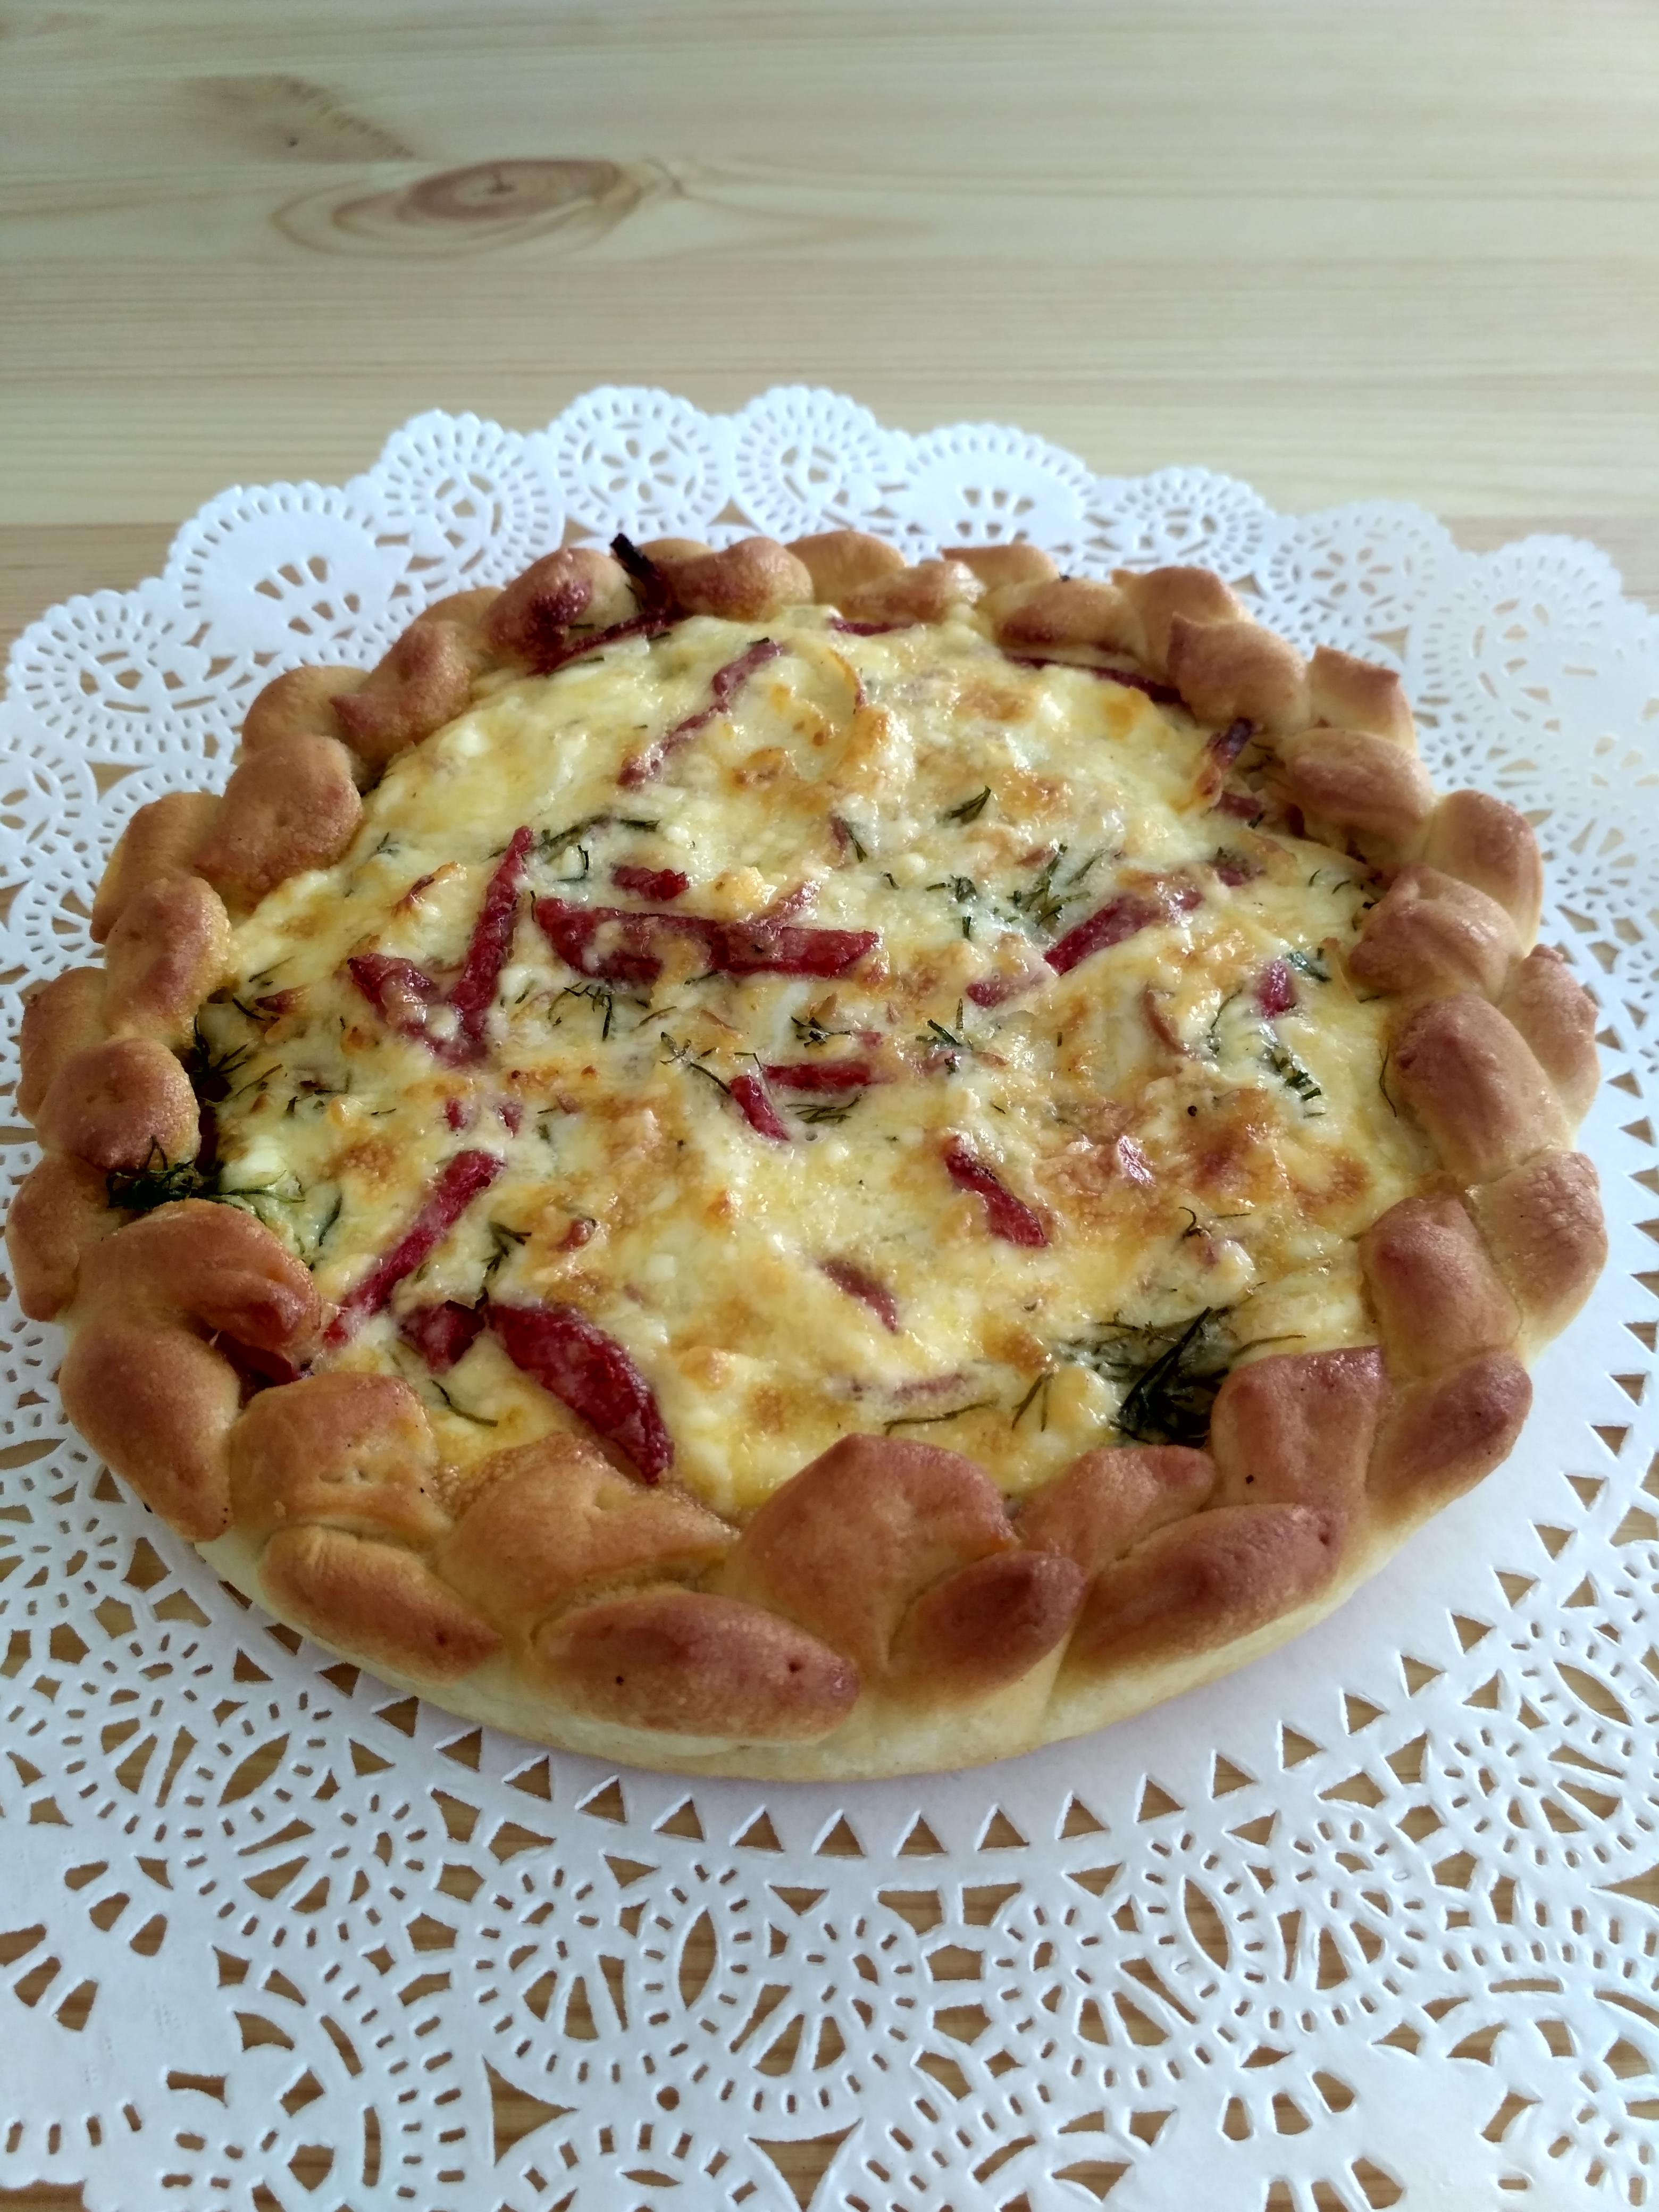 dcea533944d5 Открытый пирог с колбасным сыром и копченой колбасой.   Любимая пекарня   свежая  выпечка   пироги на заказ   Йошкар-Ола